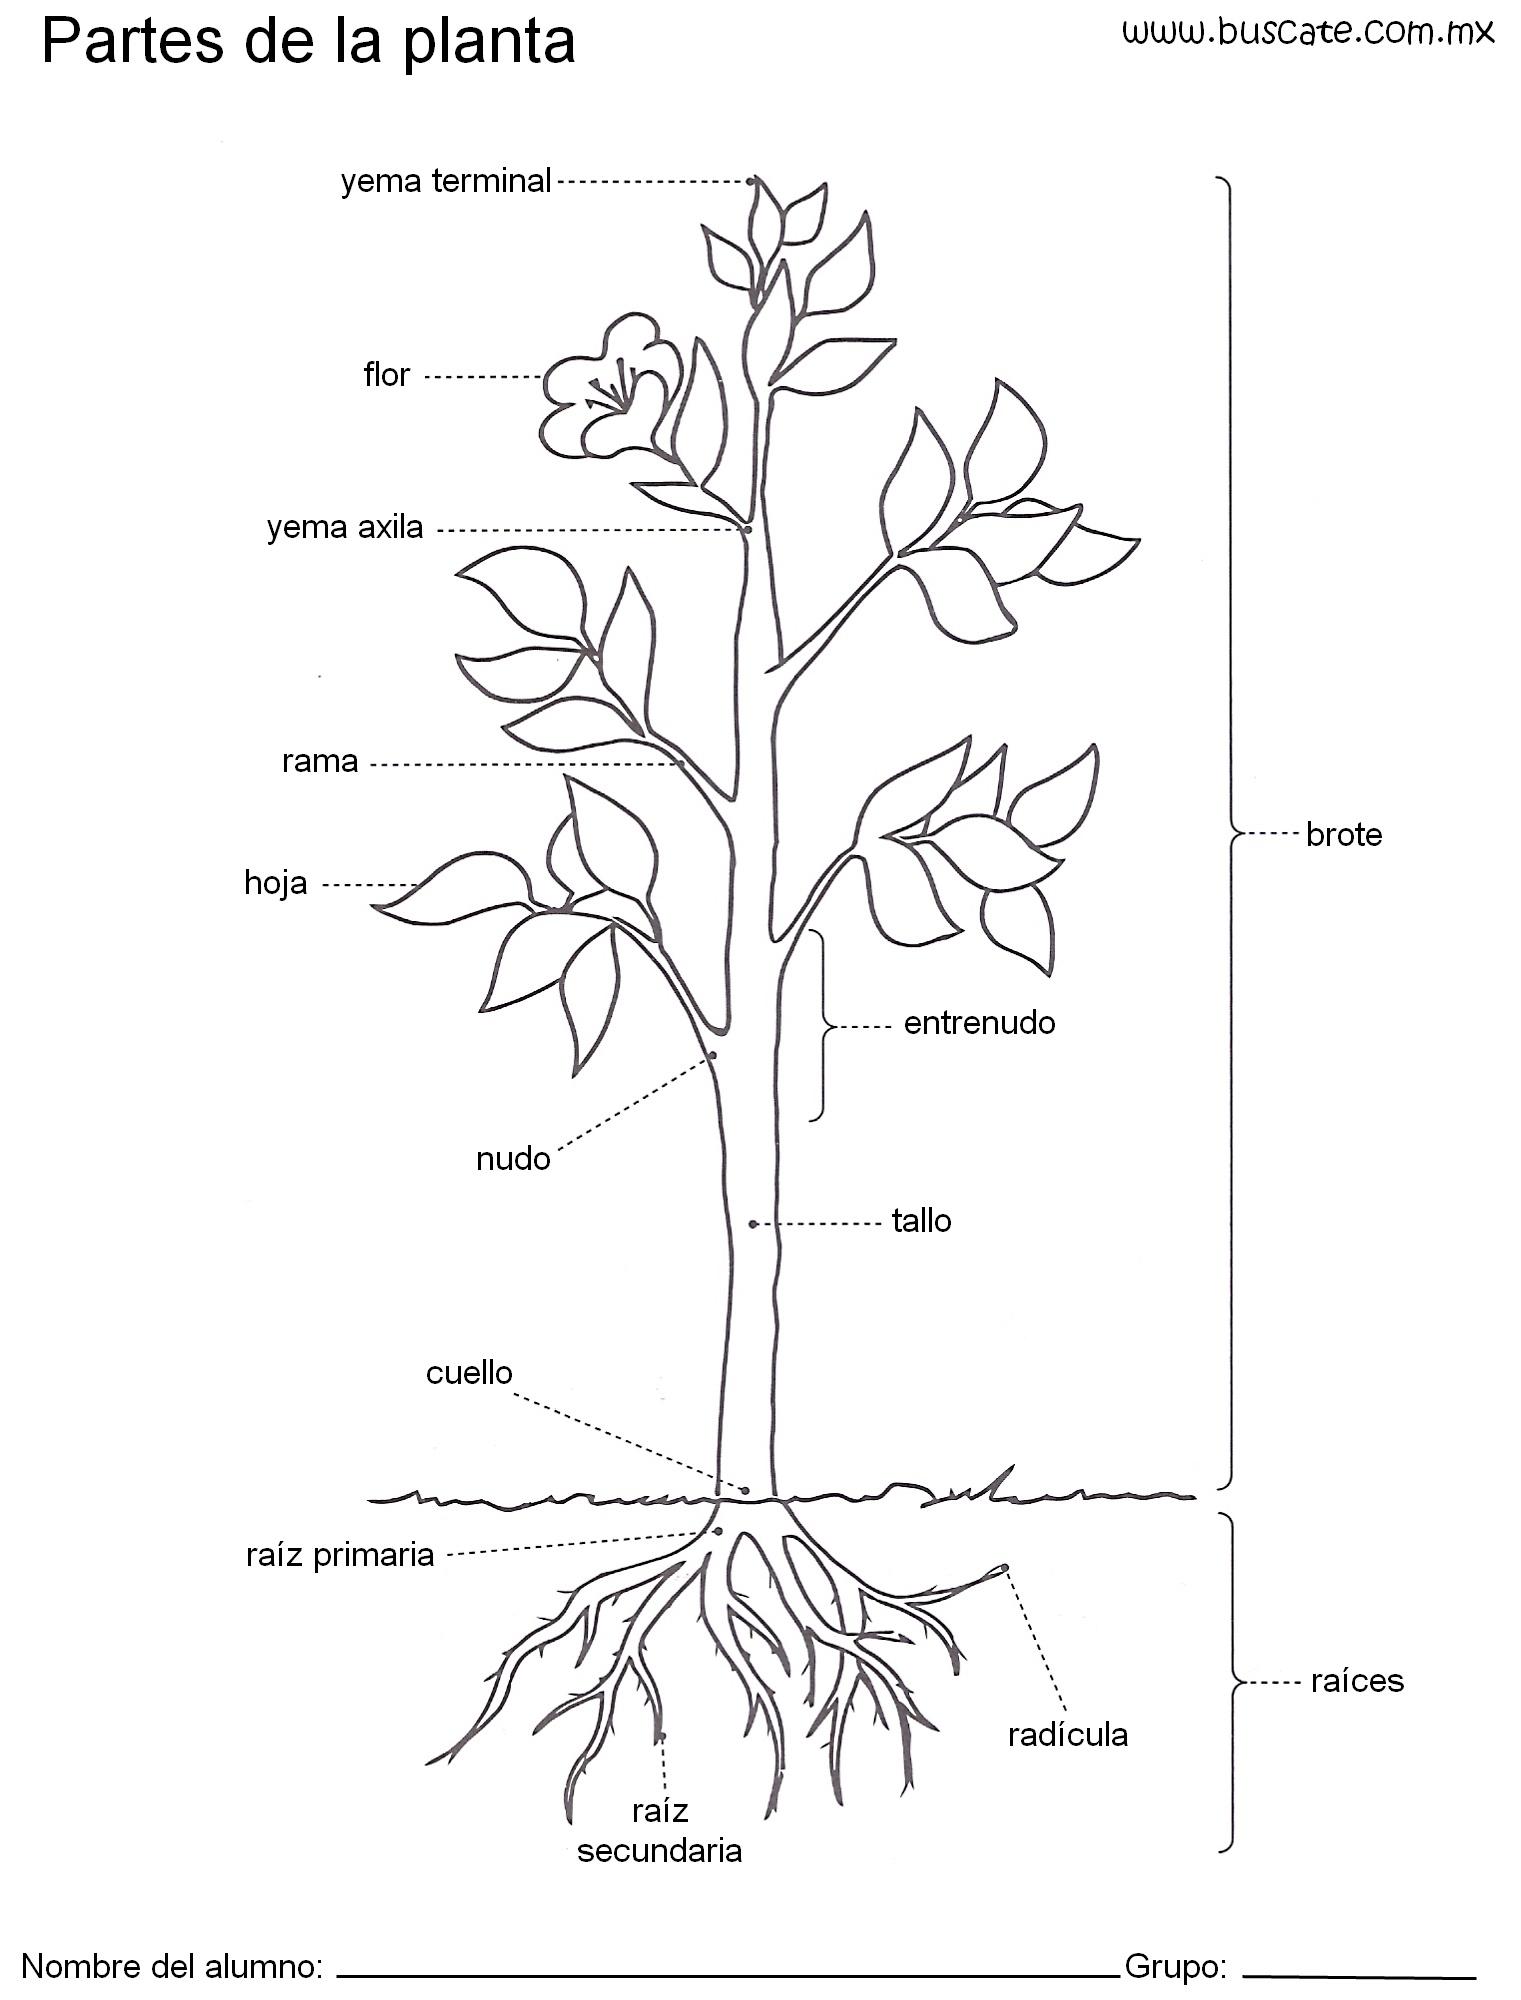 Esquema De Las Partes De La Planta